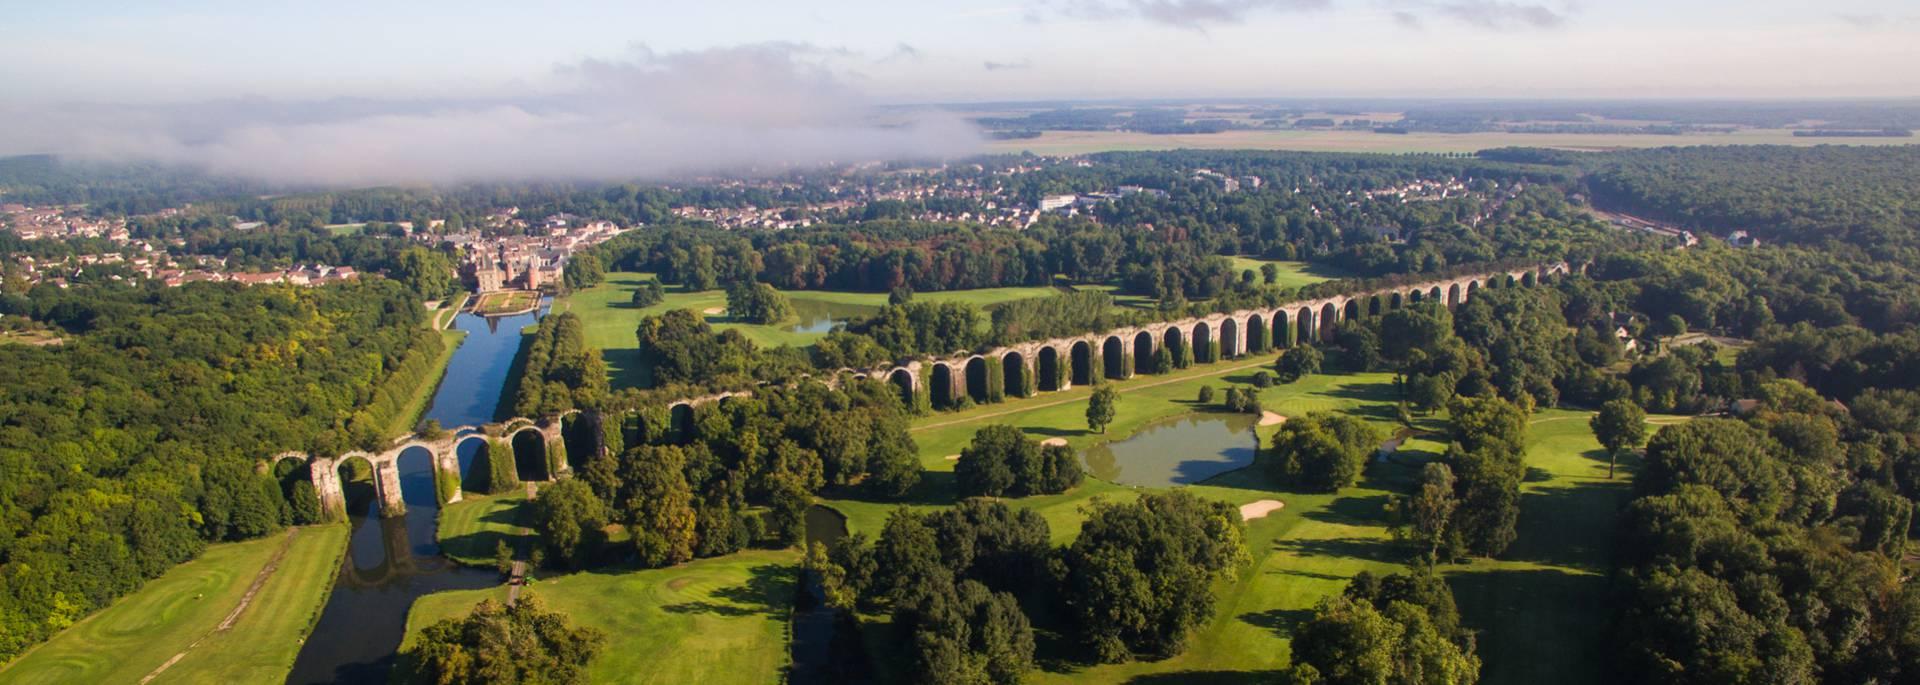 Vue aérienne de l'Aqueduc de Maintenon